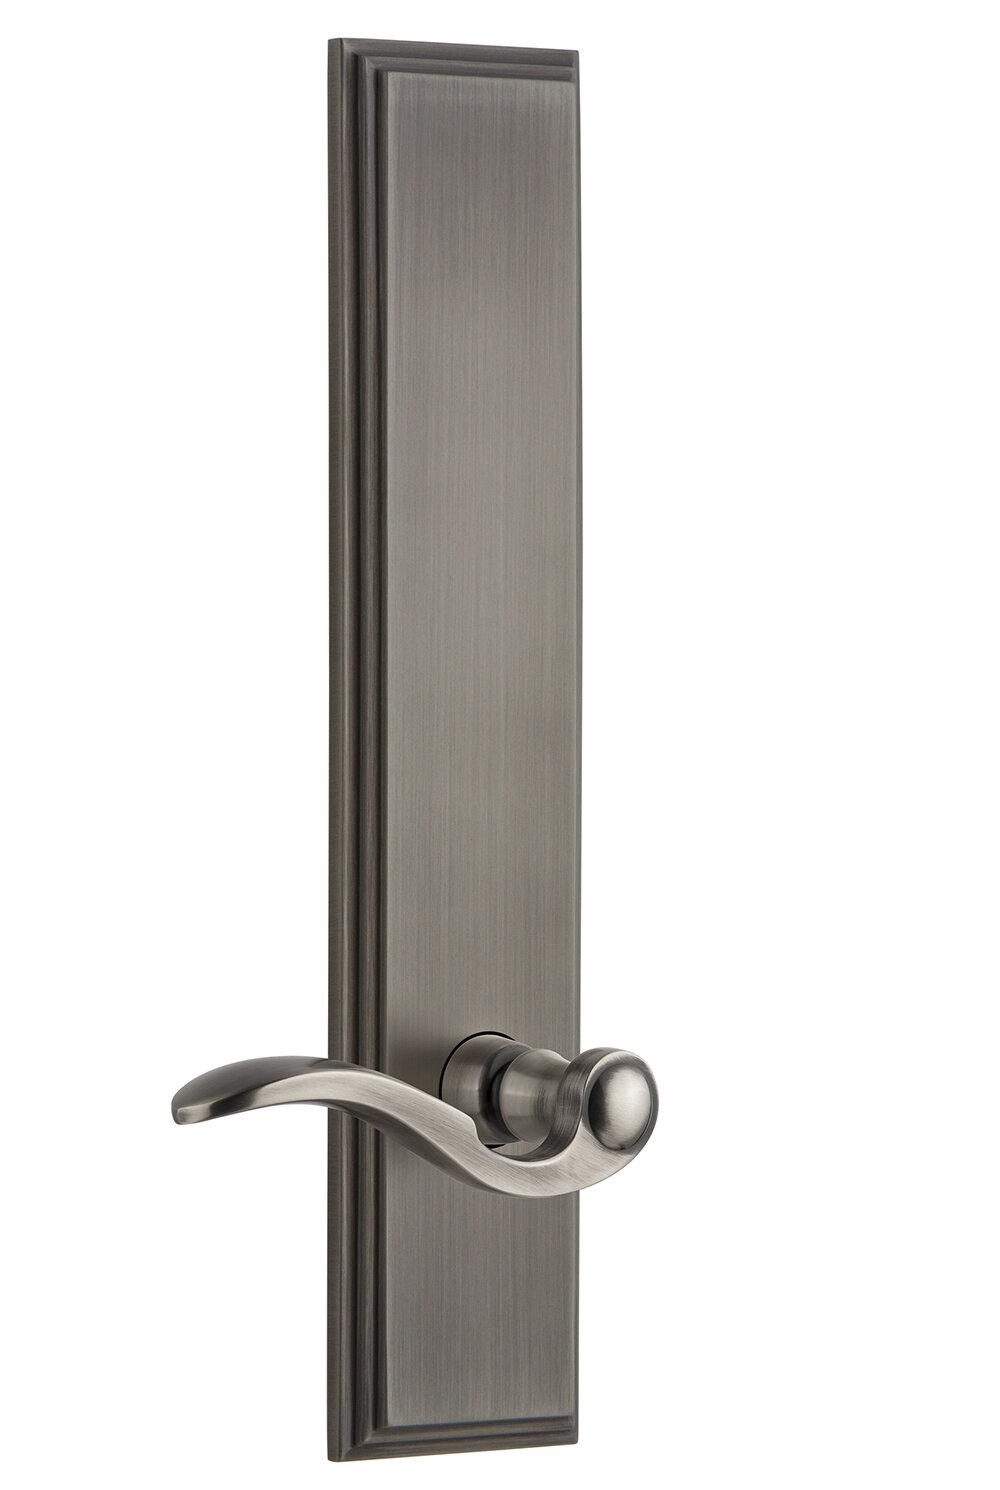 Grandeur Bellagio Double Dummy Door Lever With Carre Plate Wayfair